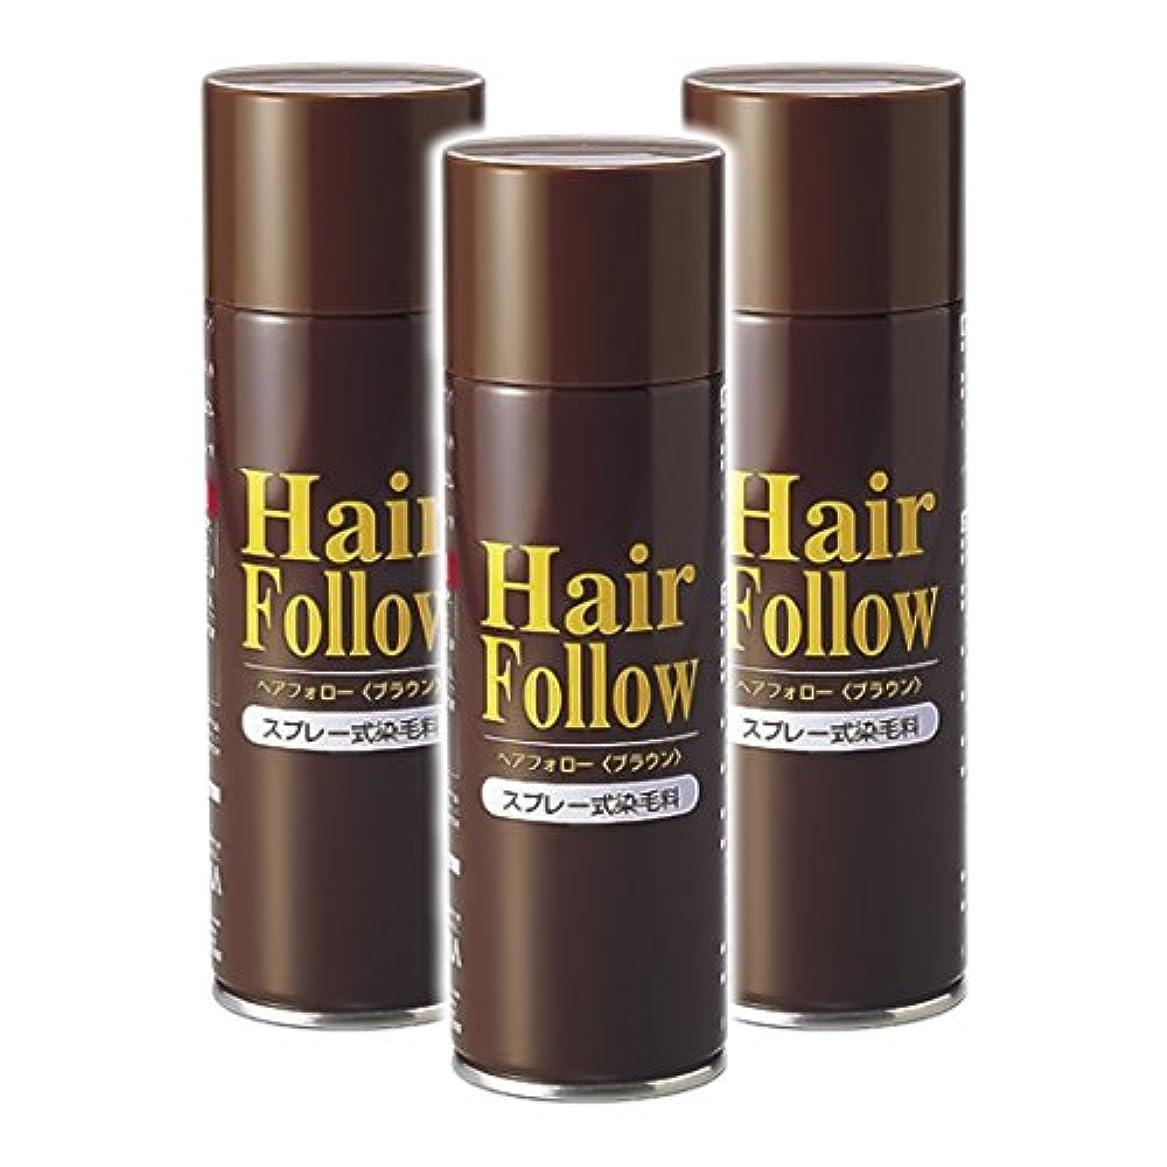 肉屋通訳スポンジ薄毛スプレー 3本セット ヘアフォロー HairFollow ブラウン 150g